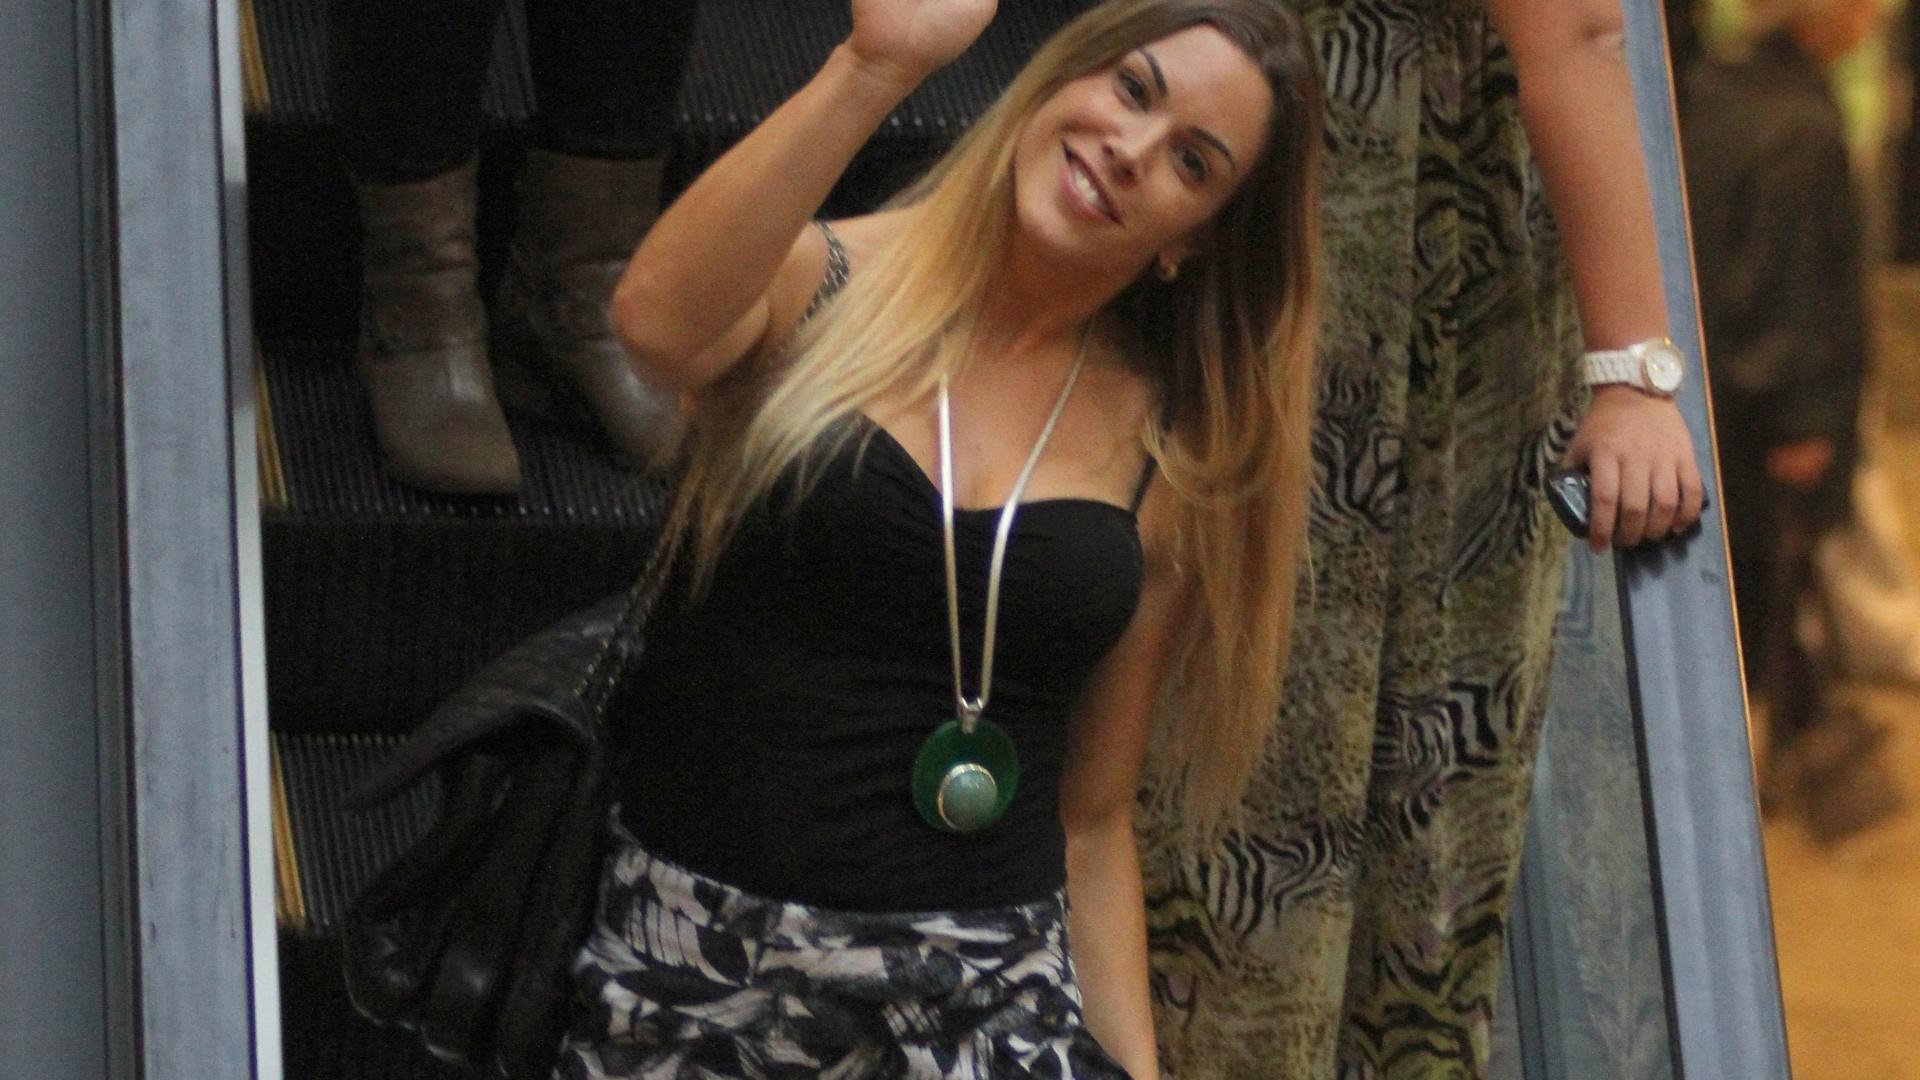 Simpática, Joana Prado acena para fotógrafo enquanto passeava por shopping na Barra, Rio de Janeiro (28/1/12)